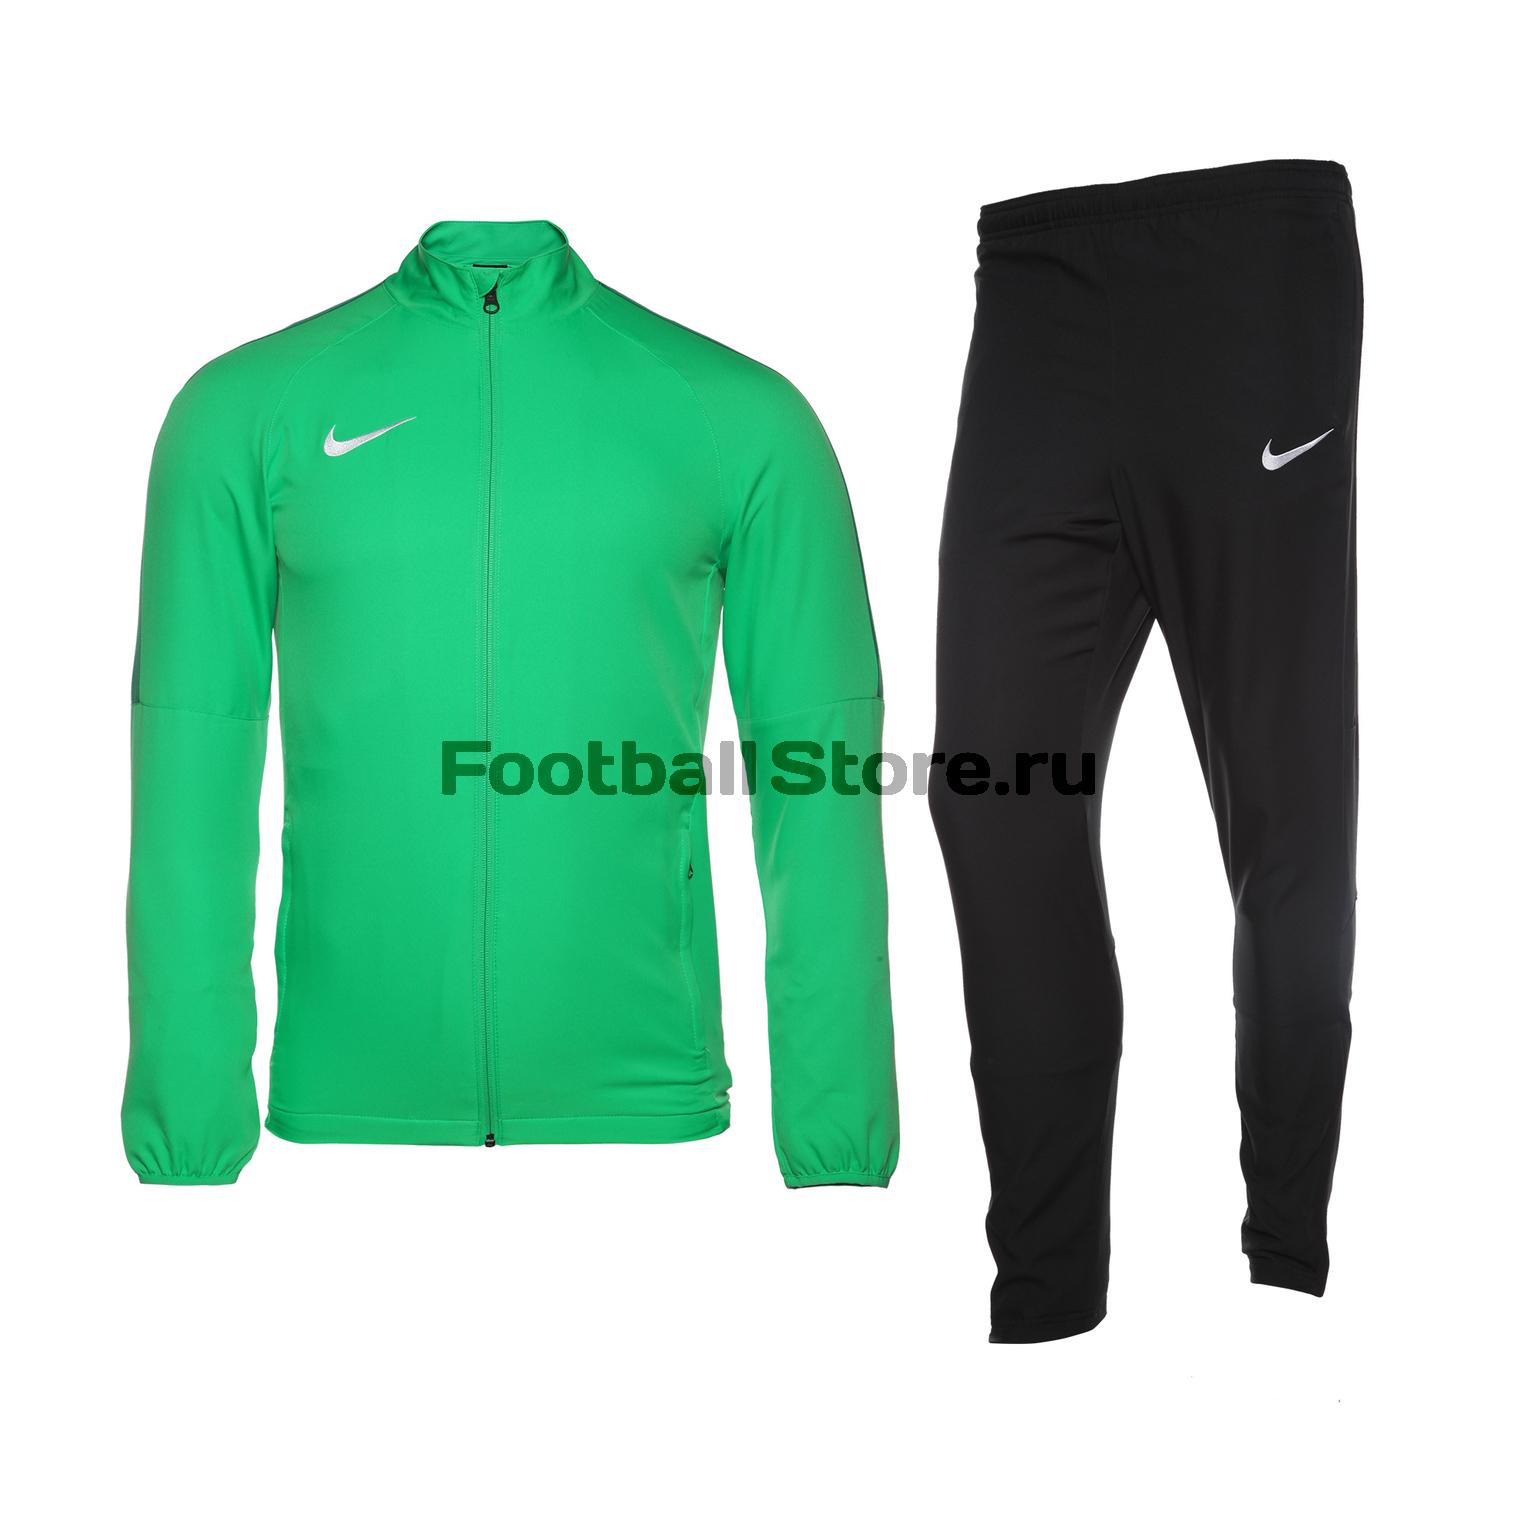 Костюм спортивный Nike Dry Academy18 TRK Suit W 893709-361 костюм спортивный nike dry academy18 trk suit w 893709 361